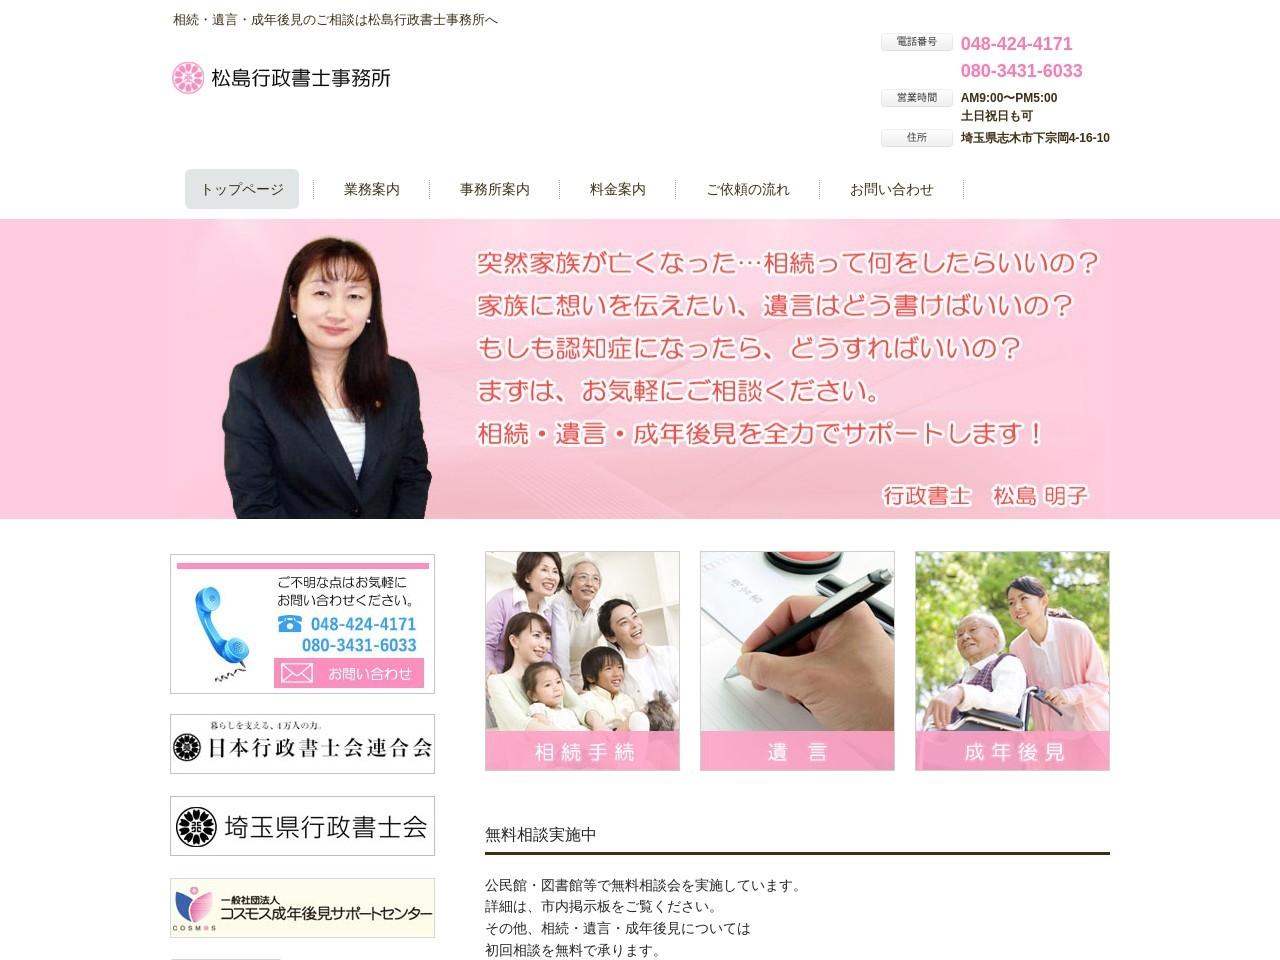 松島行政書士事務所